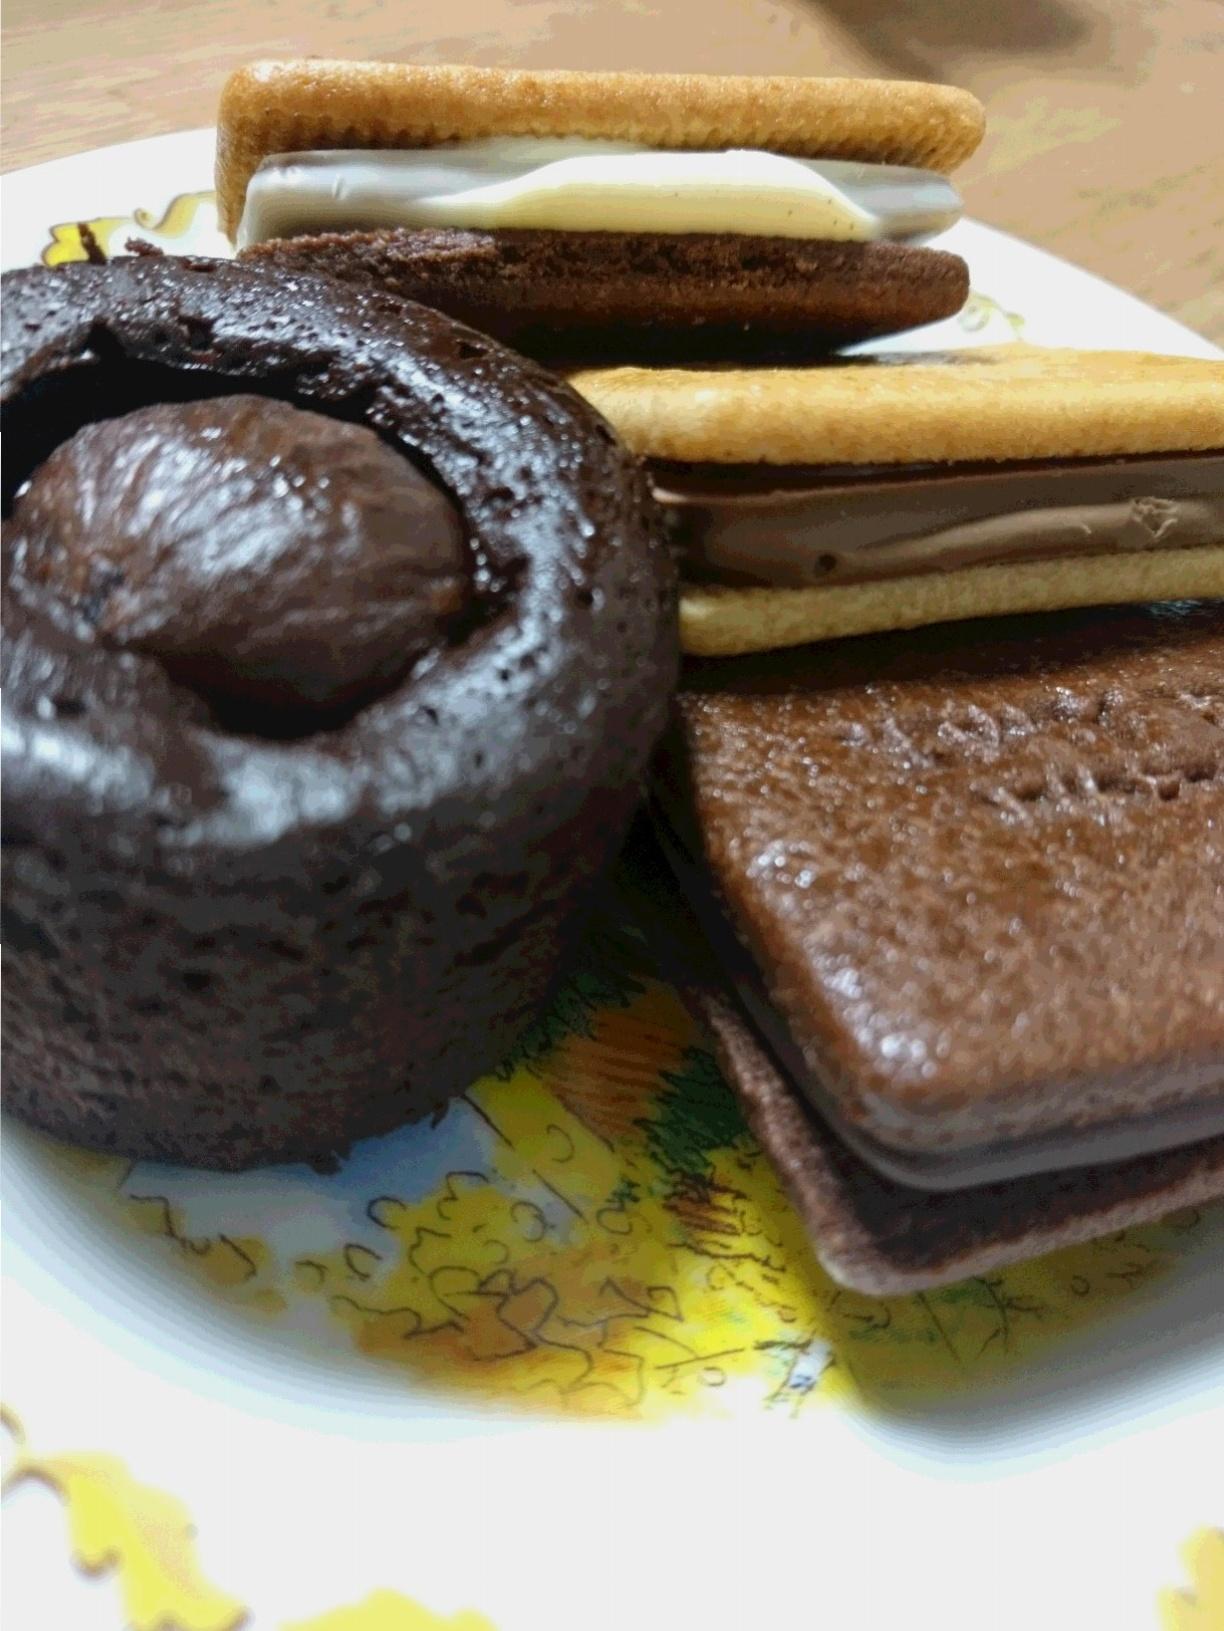 DEL AMER(べルアメール) 秋の新作焼き菓子が美味しすぎ♡_2